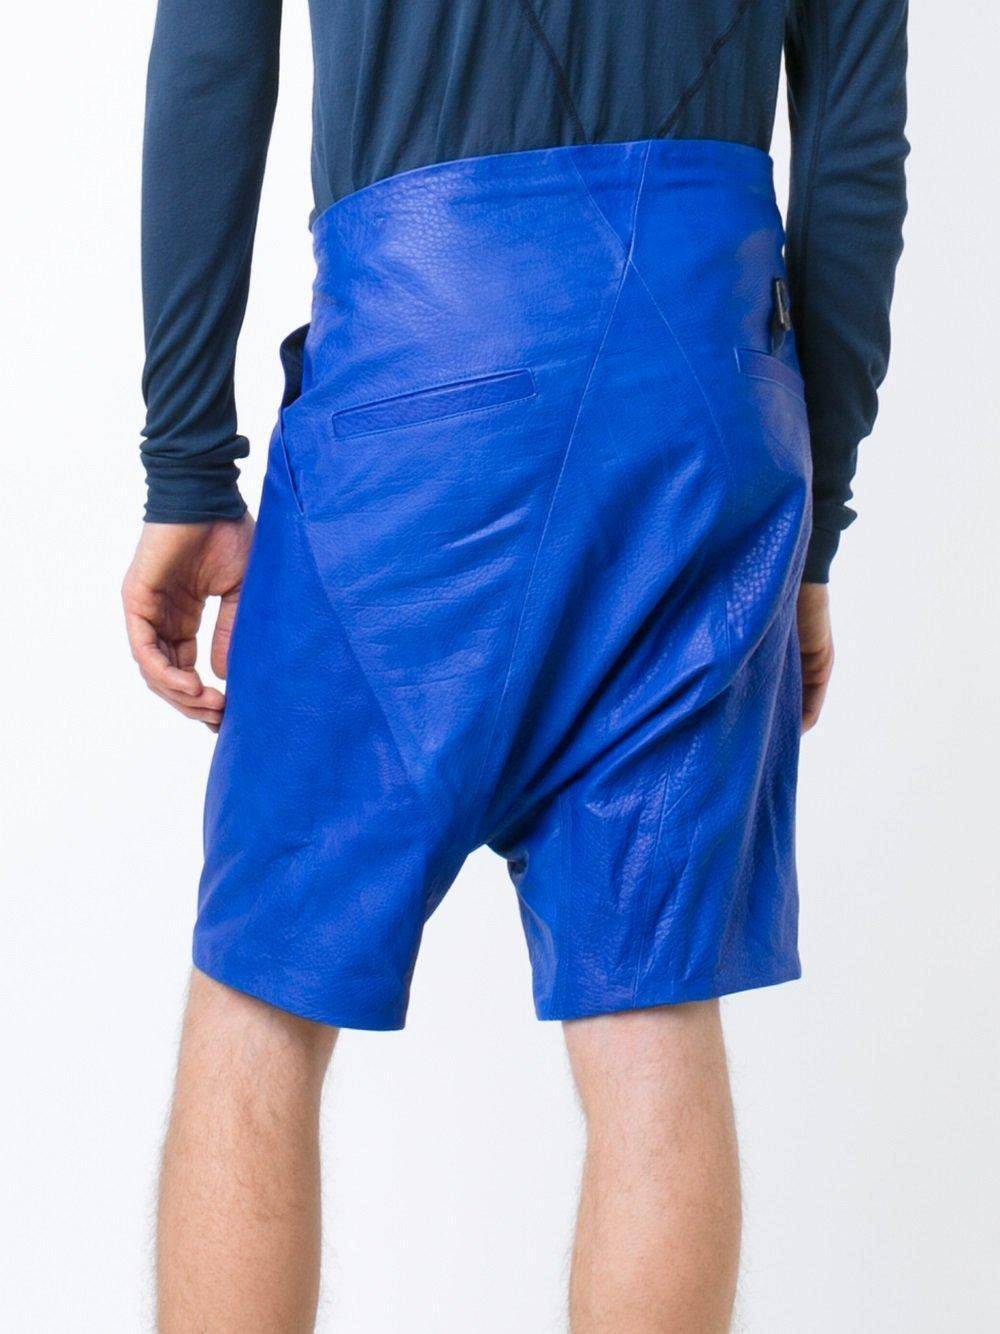 Lyst boris bidjan saberi men in blue for men for Av diagonal 434